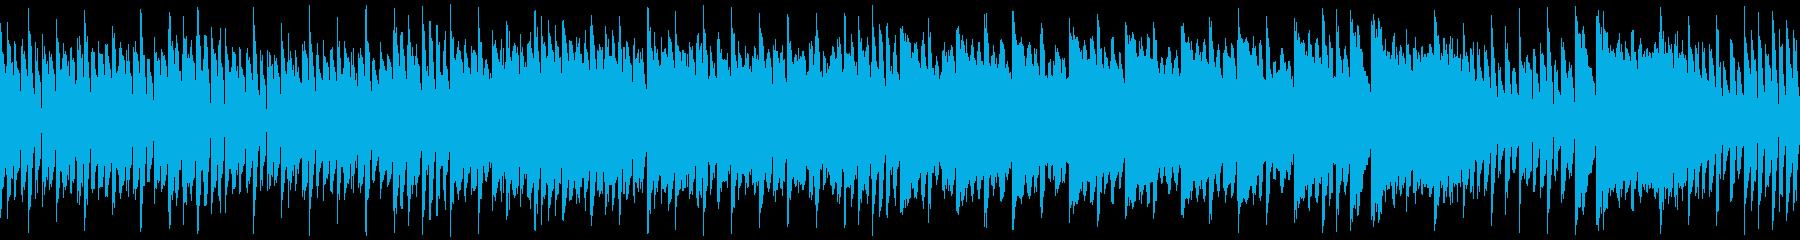 ループ・レトロゲーム風・ピンチを感じる曲の再生済みの波形